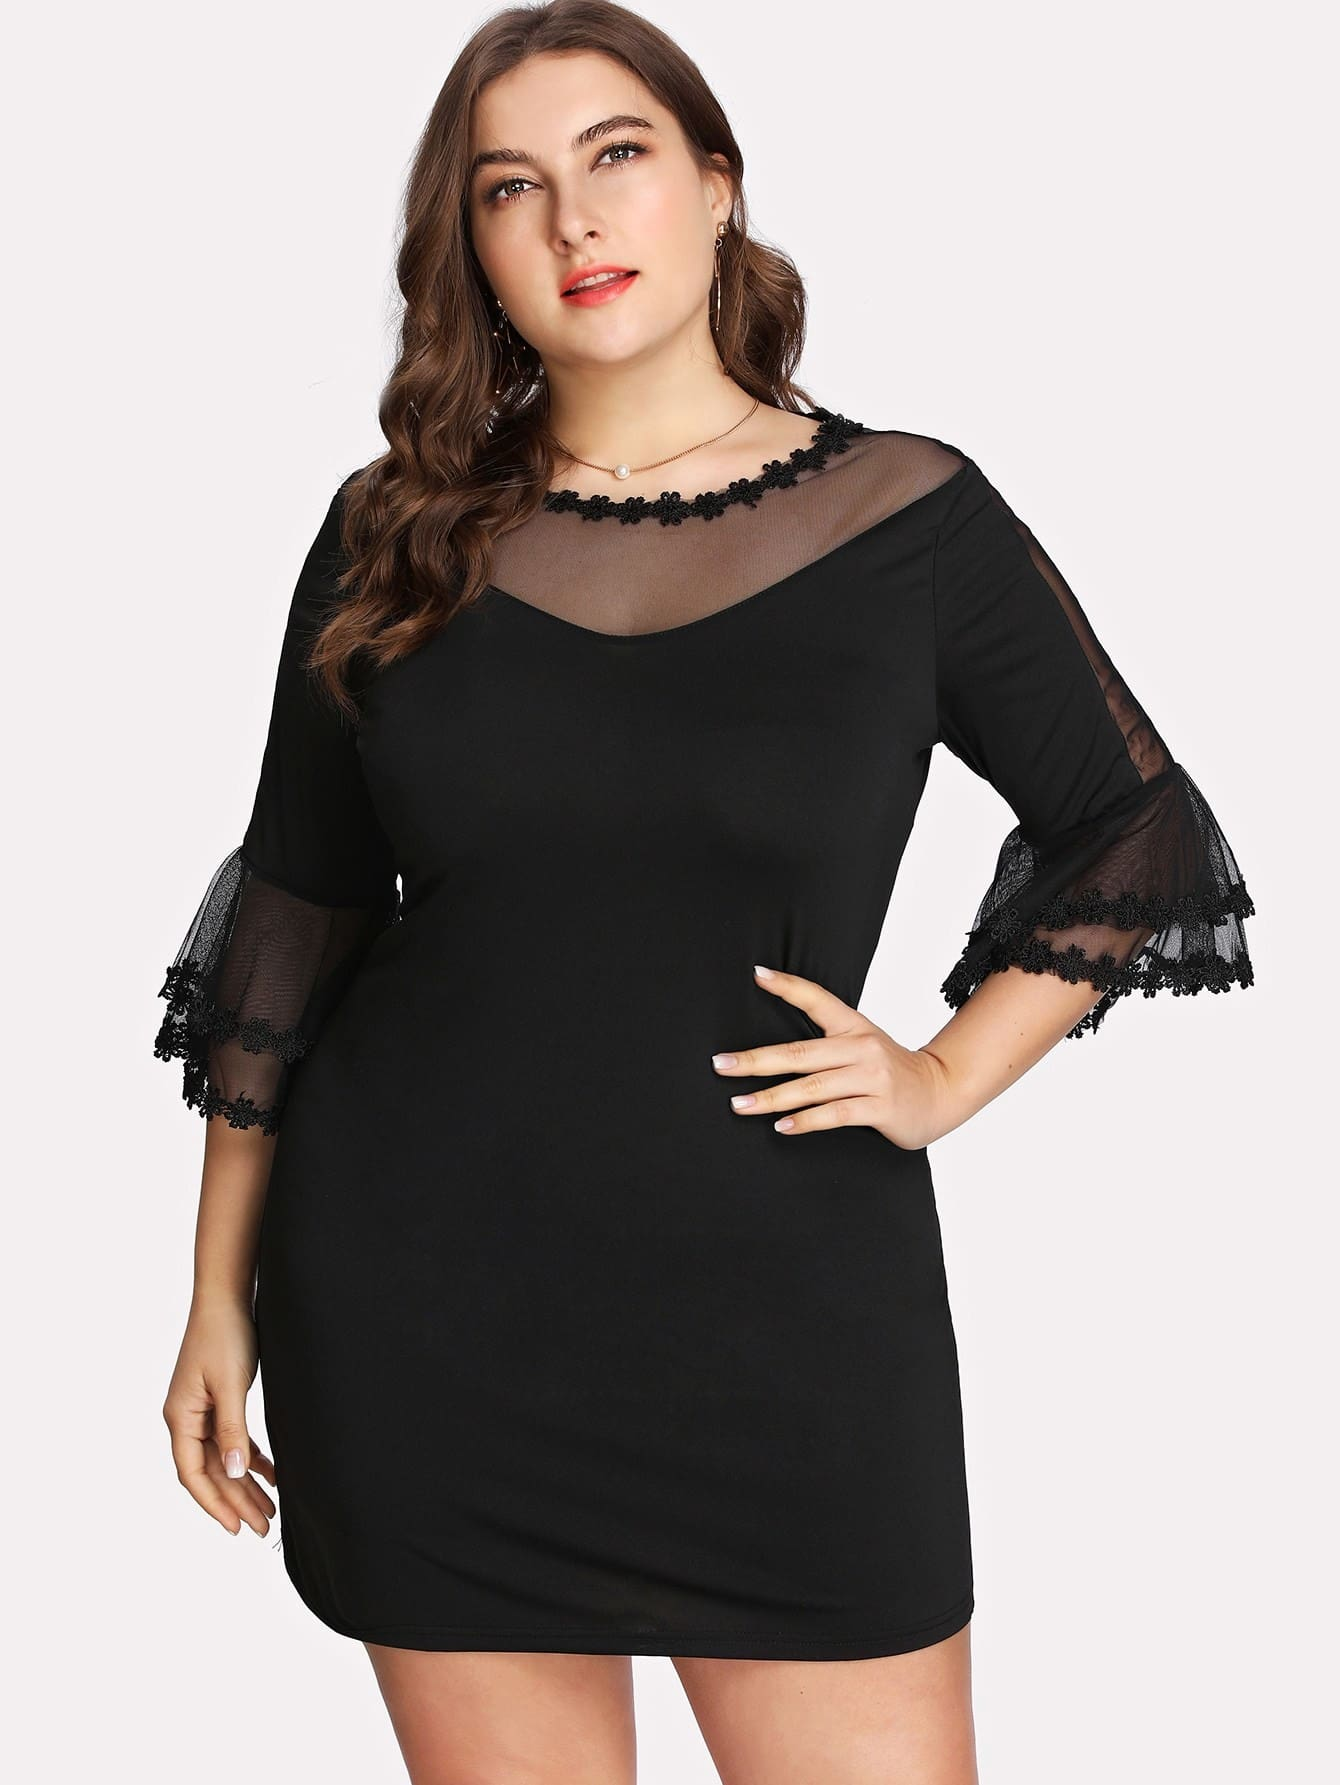 Plus Mesh Panel Crochet Lace Trim Dress